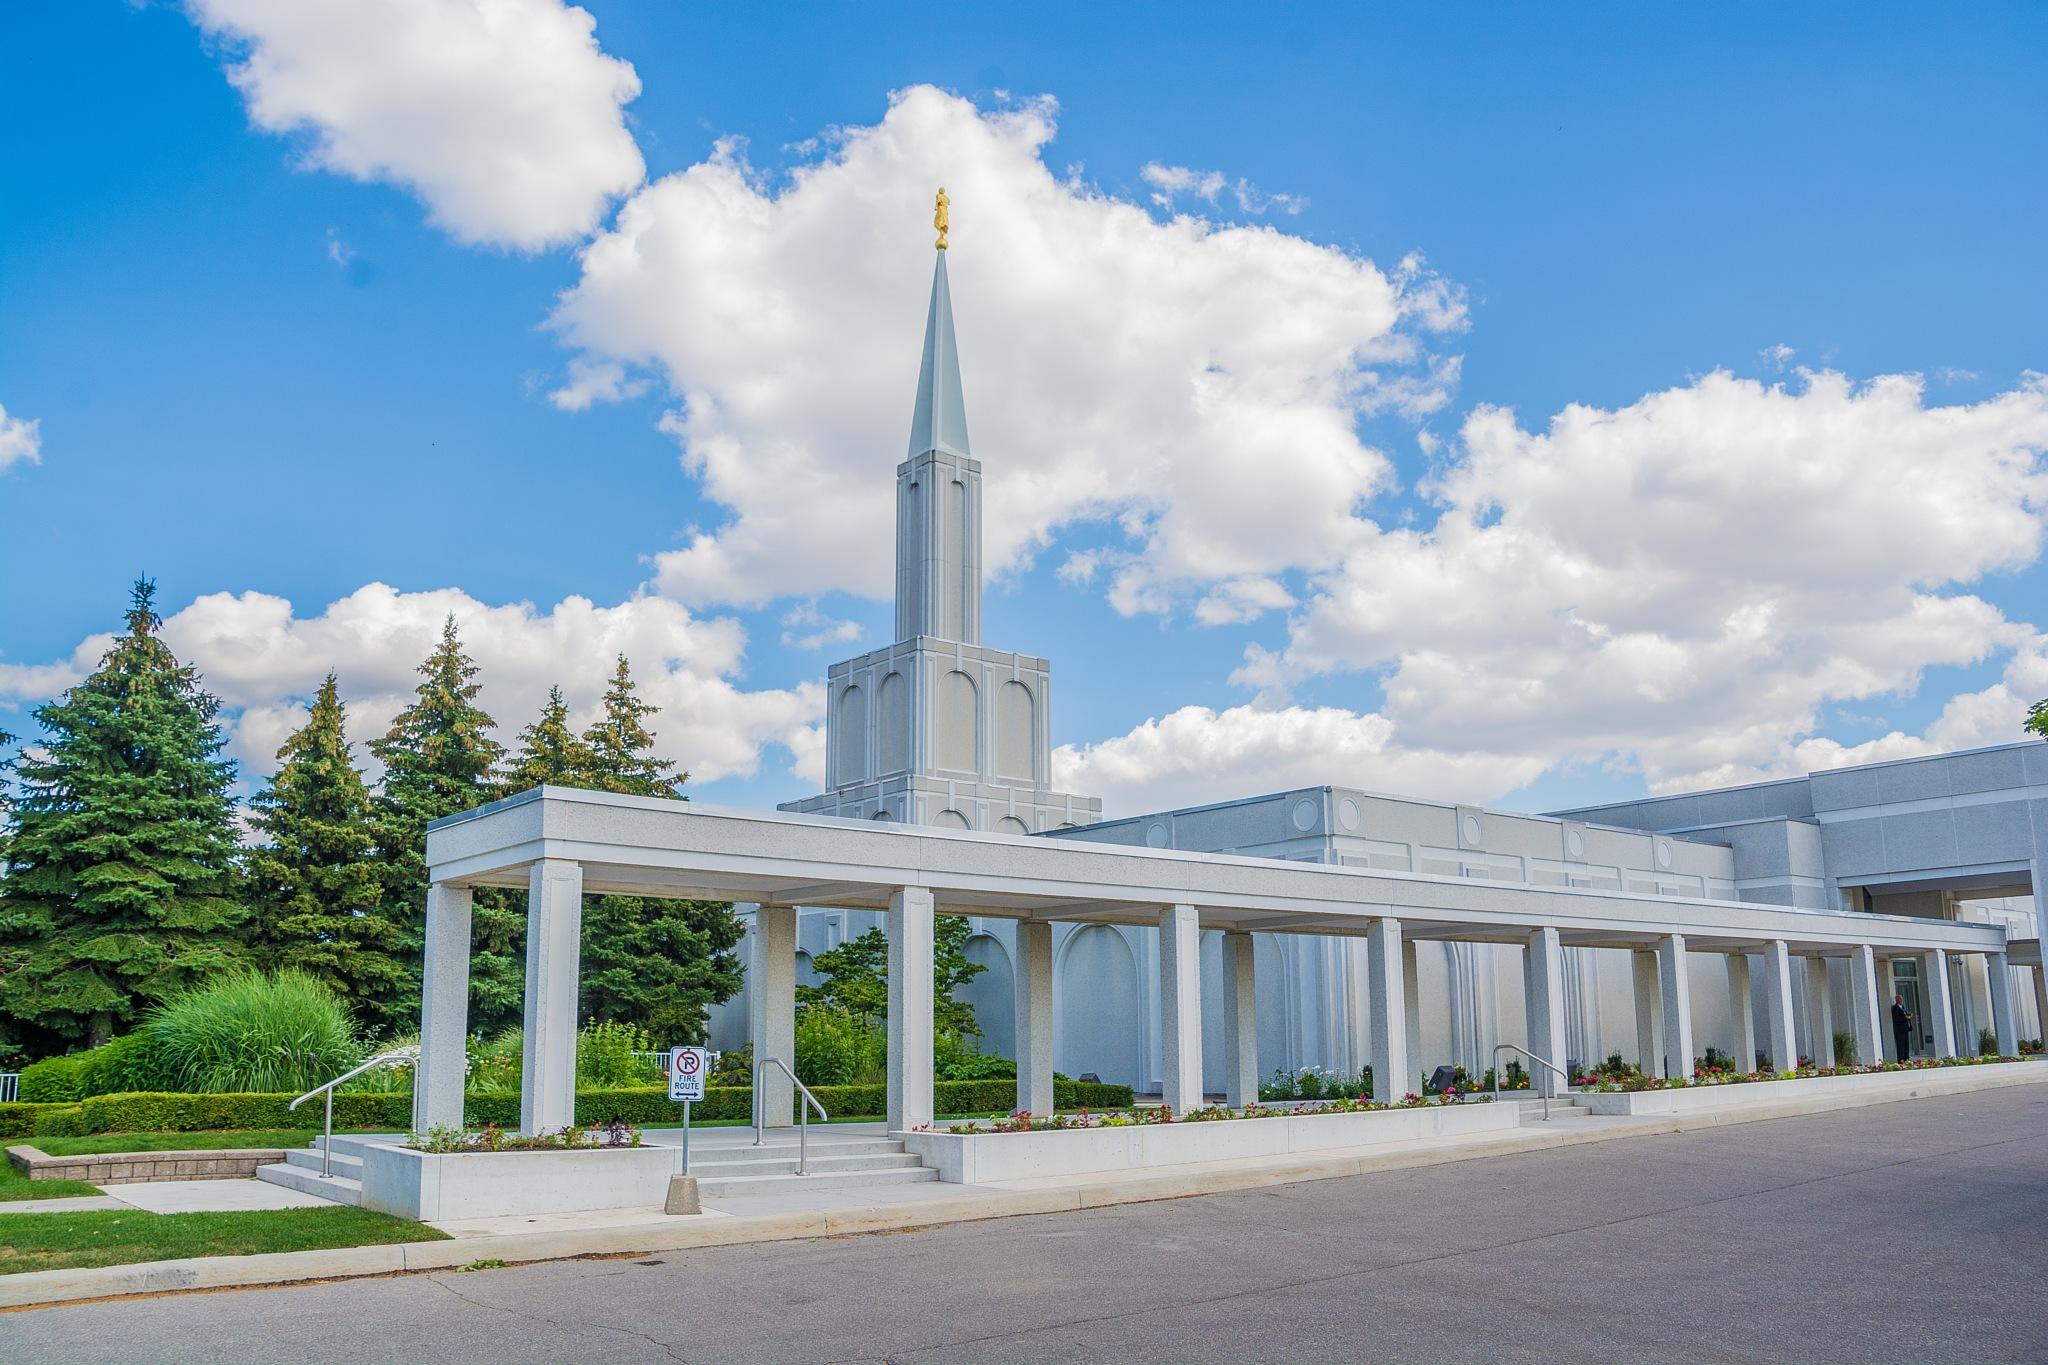 Toronto LDS Temple July 2017 by SteveRedmond